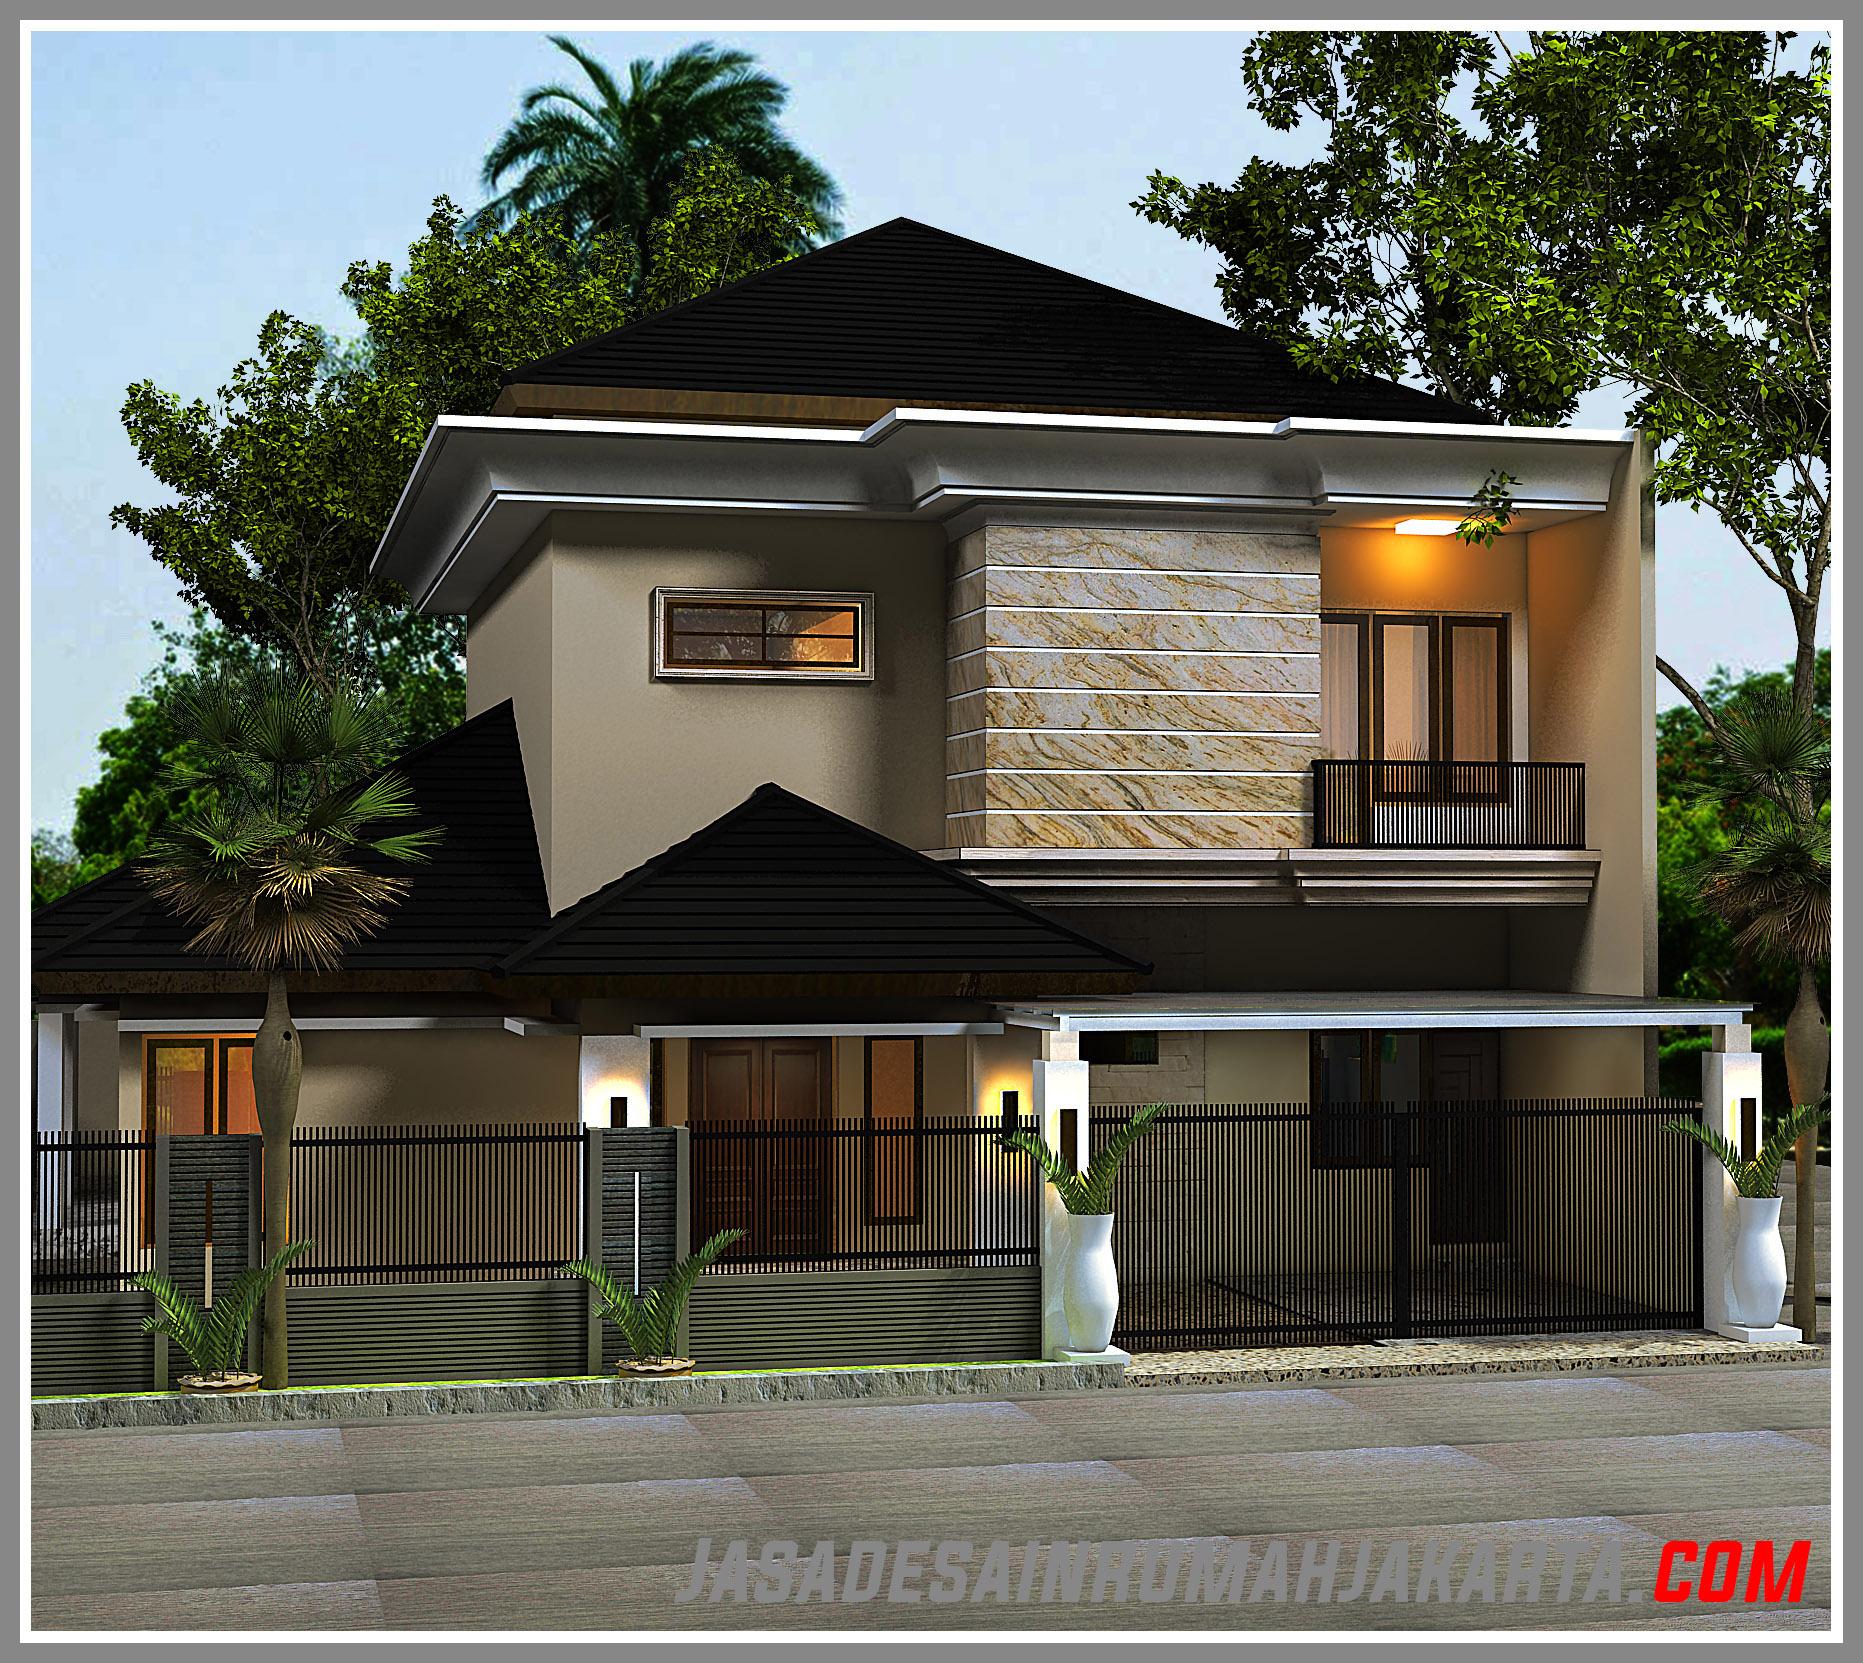 Kumpulan Model Gambar Rumah Terbaru Jasa Desain Rumah Jakarta